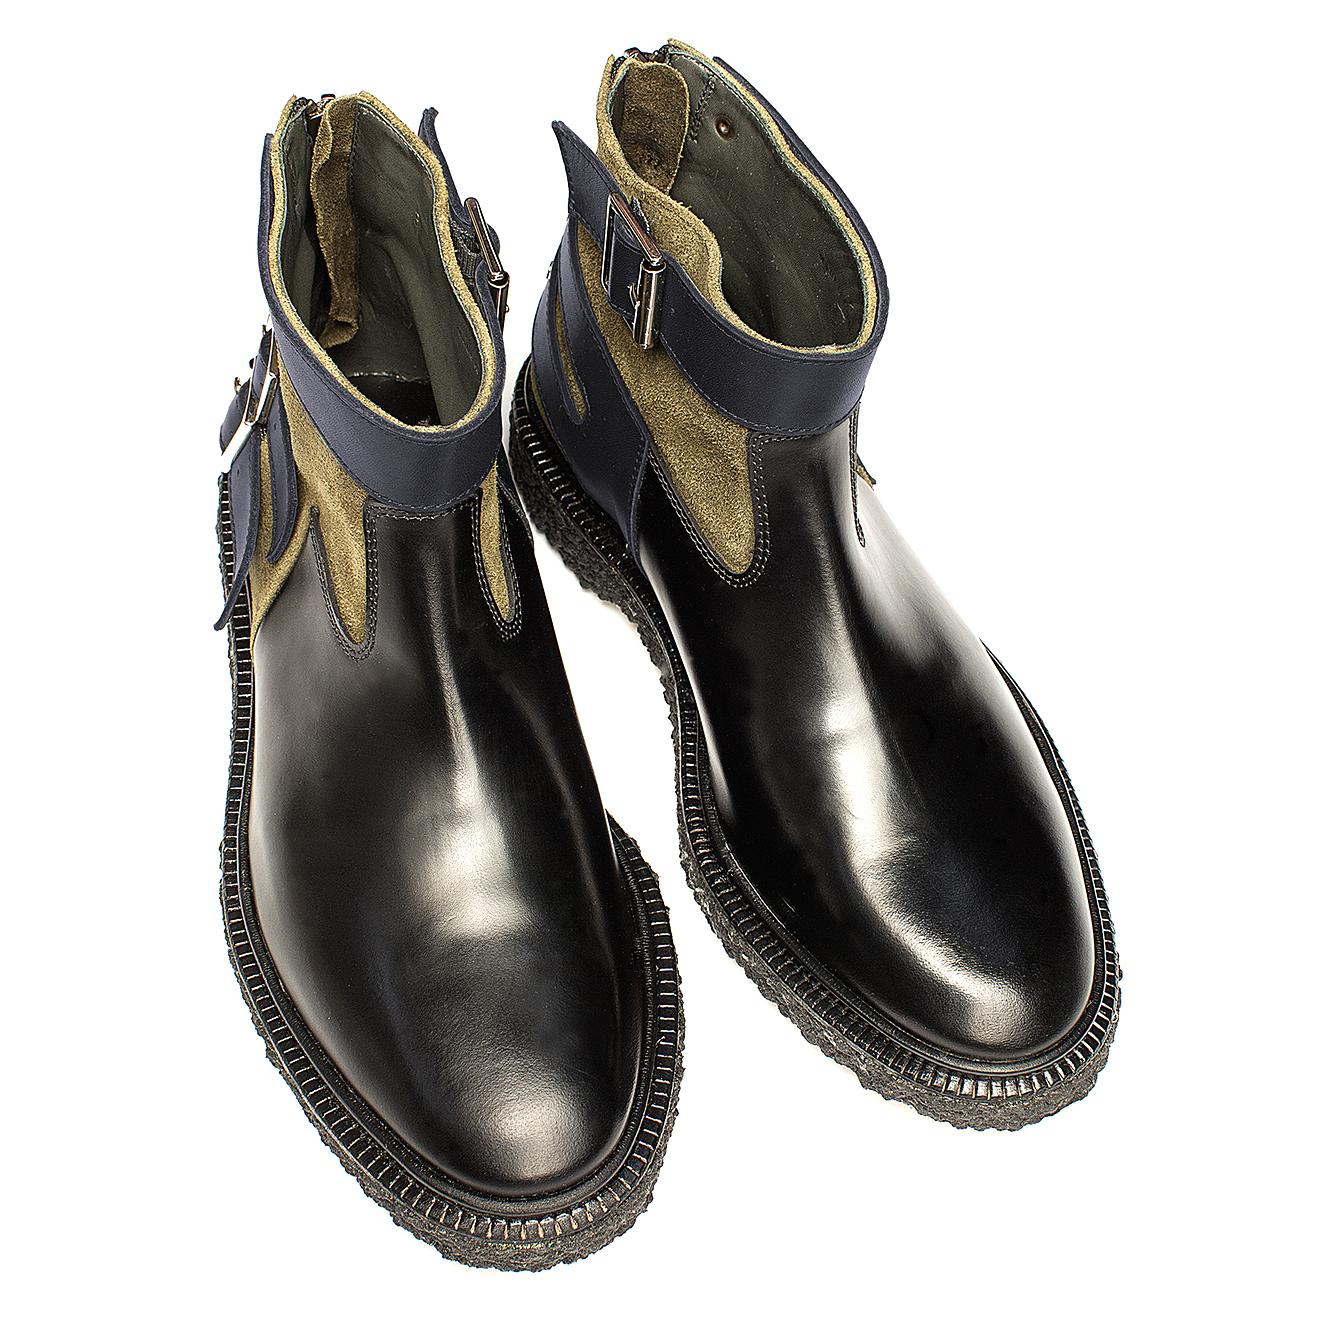 Boots en Cuir et Velours de Cuir Type 16 vert/marine - Adieu - Modalova